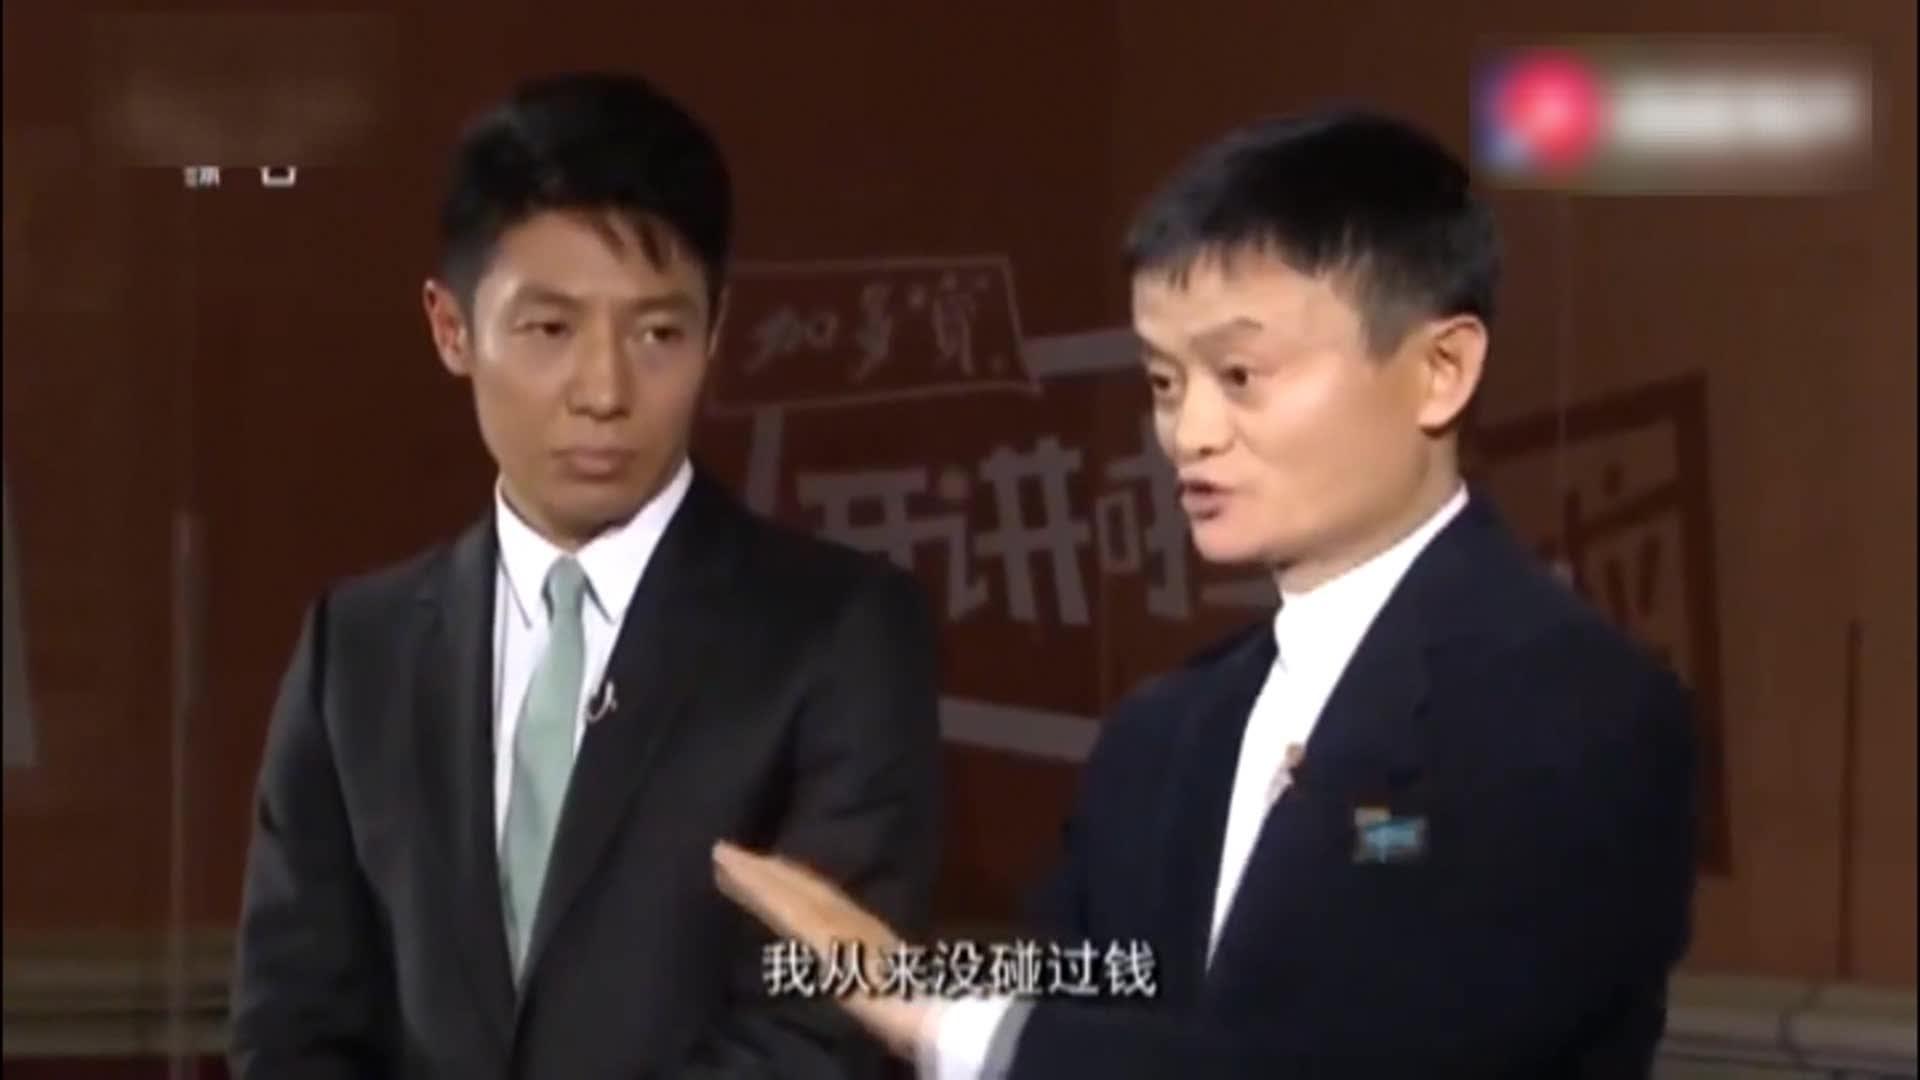 马云、王健林、刘强东、雷军,中国四大吹牛王!我被马巴深深折服